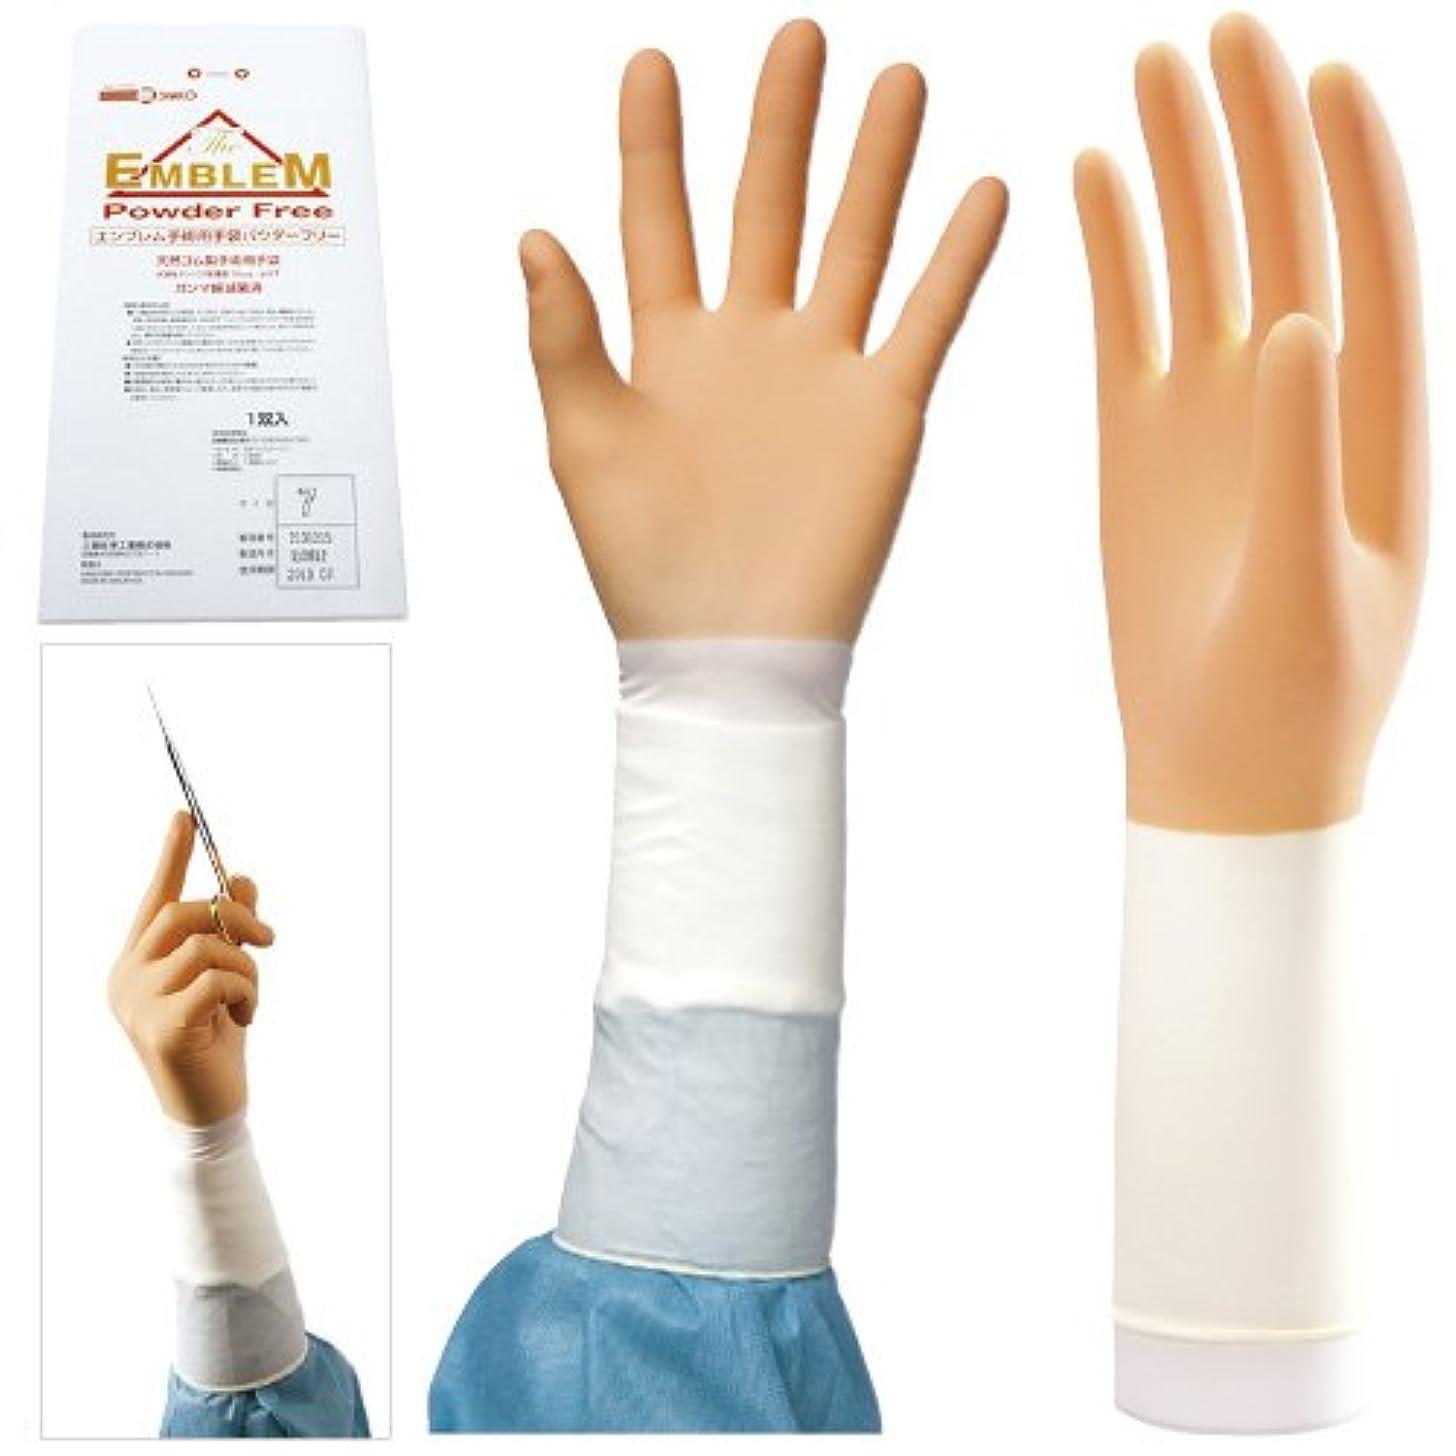 グラディスカレンダーバルブエンブレム手術用手袋 パウダーフリー NEW(20双入) 5.5